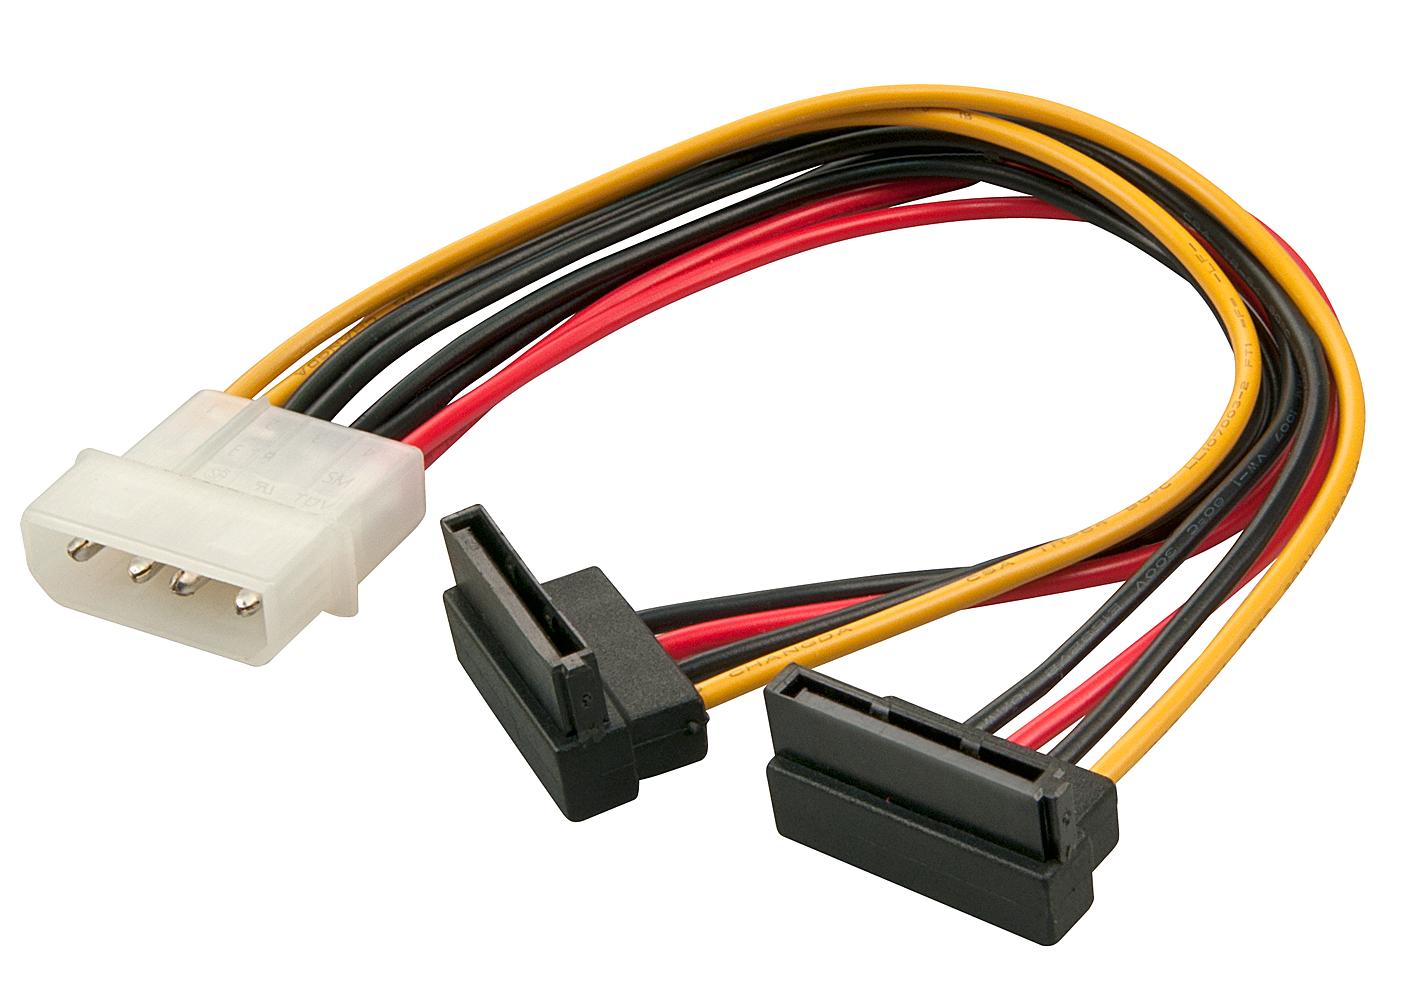 Internes SATA Stromadapterkabel von 5,25 Stecker an 2x 15 pol. SATA Kupplung 90° gewinkelt, 0,15m